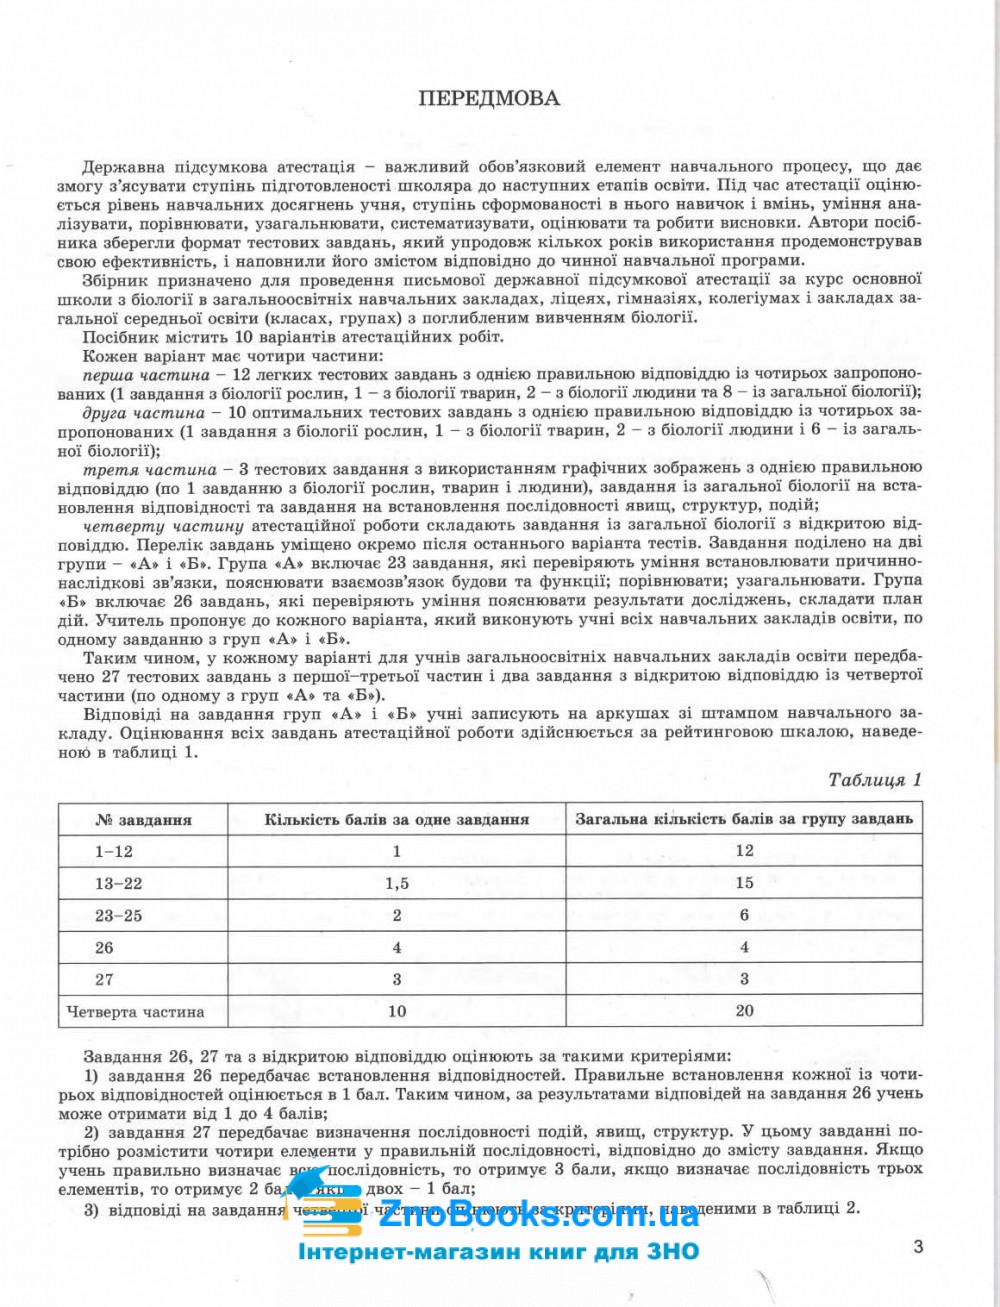 ДПА 9 клас 2022 біологія. Збірник завдань : О. Костильов, С. Міюс Генеза. Купити 3